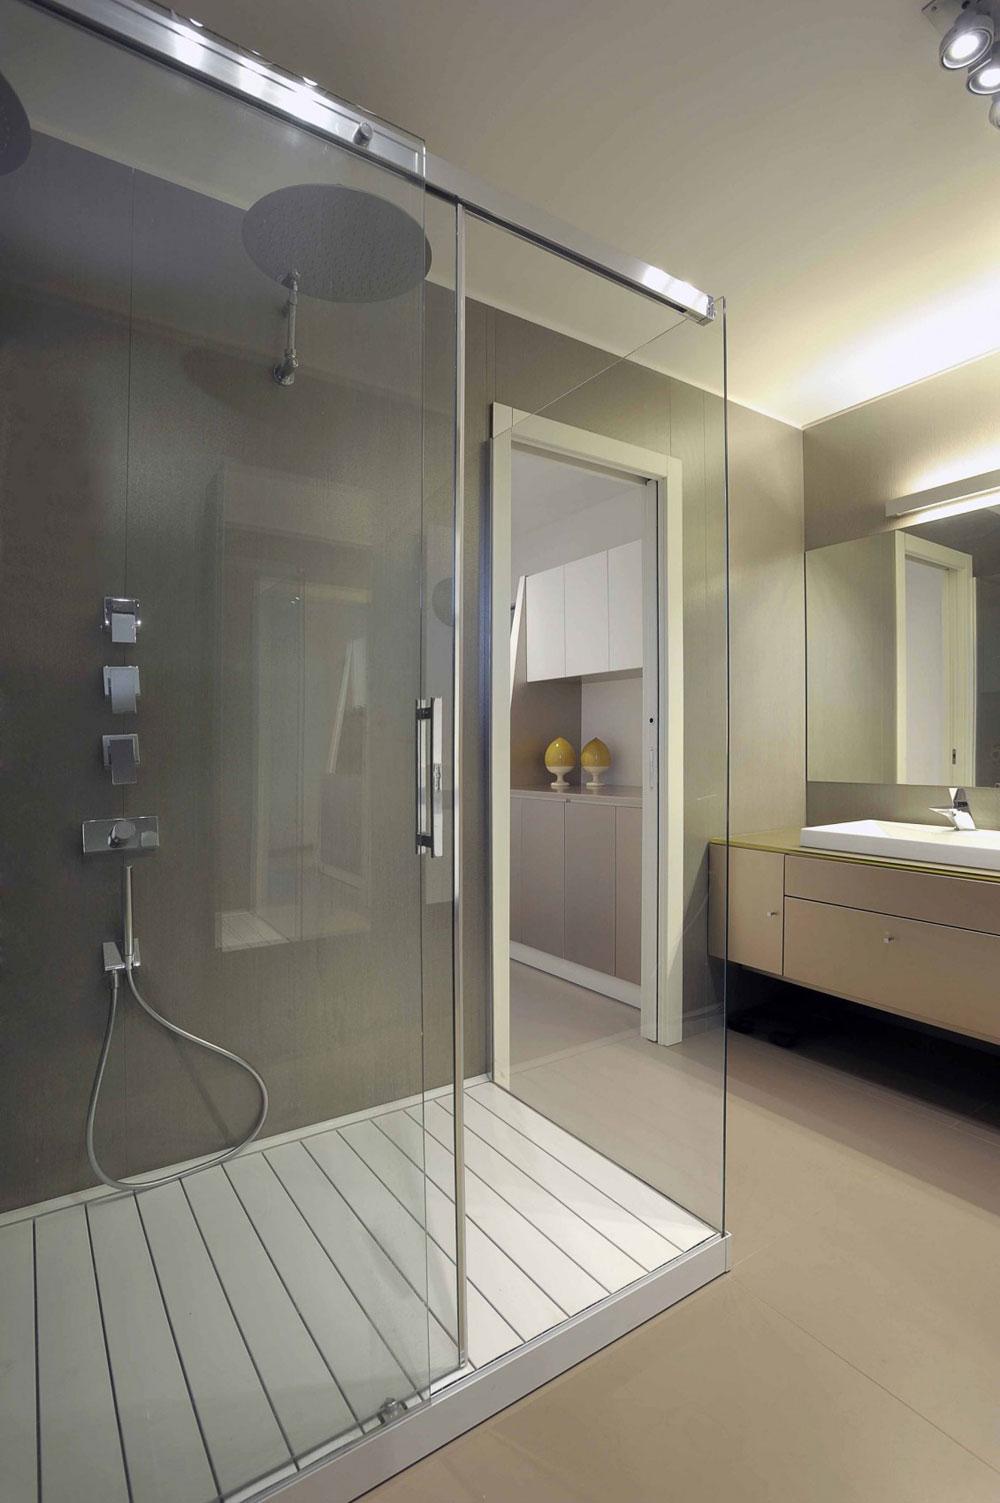 Hem-inredning-design-badrum-idéer-att-skapa-något-nytt-och-annorlunda-7 Heminredning design badrum-idéer för att skapa något nytt och annorlunda